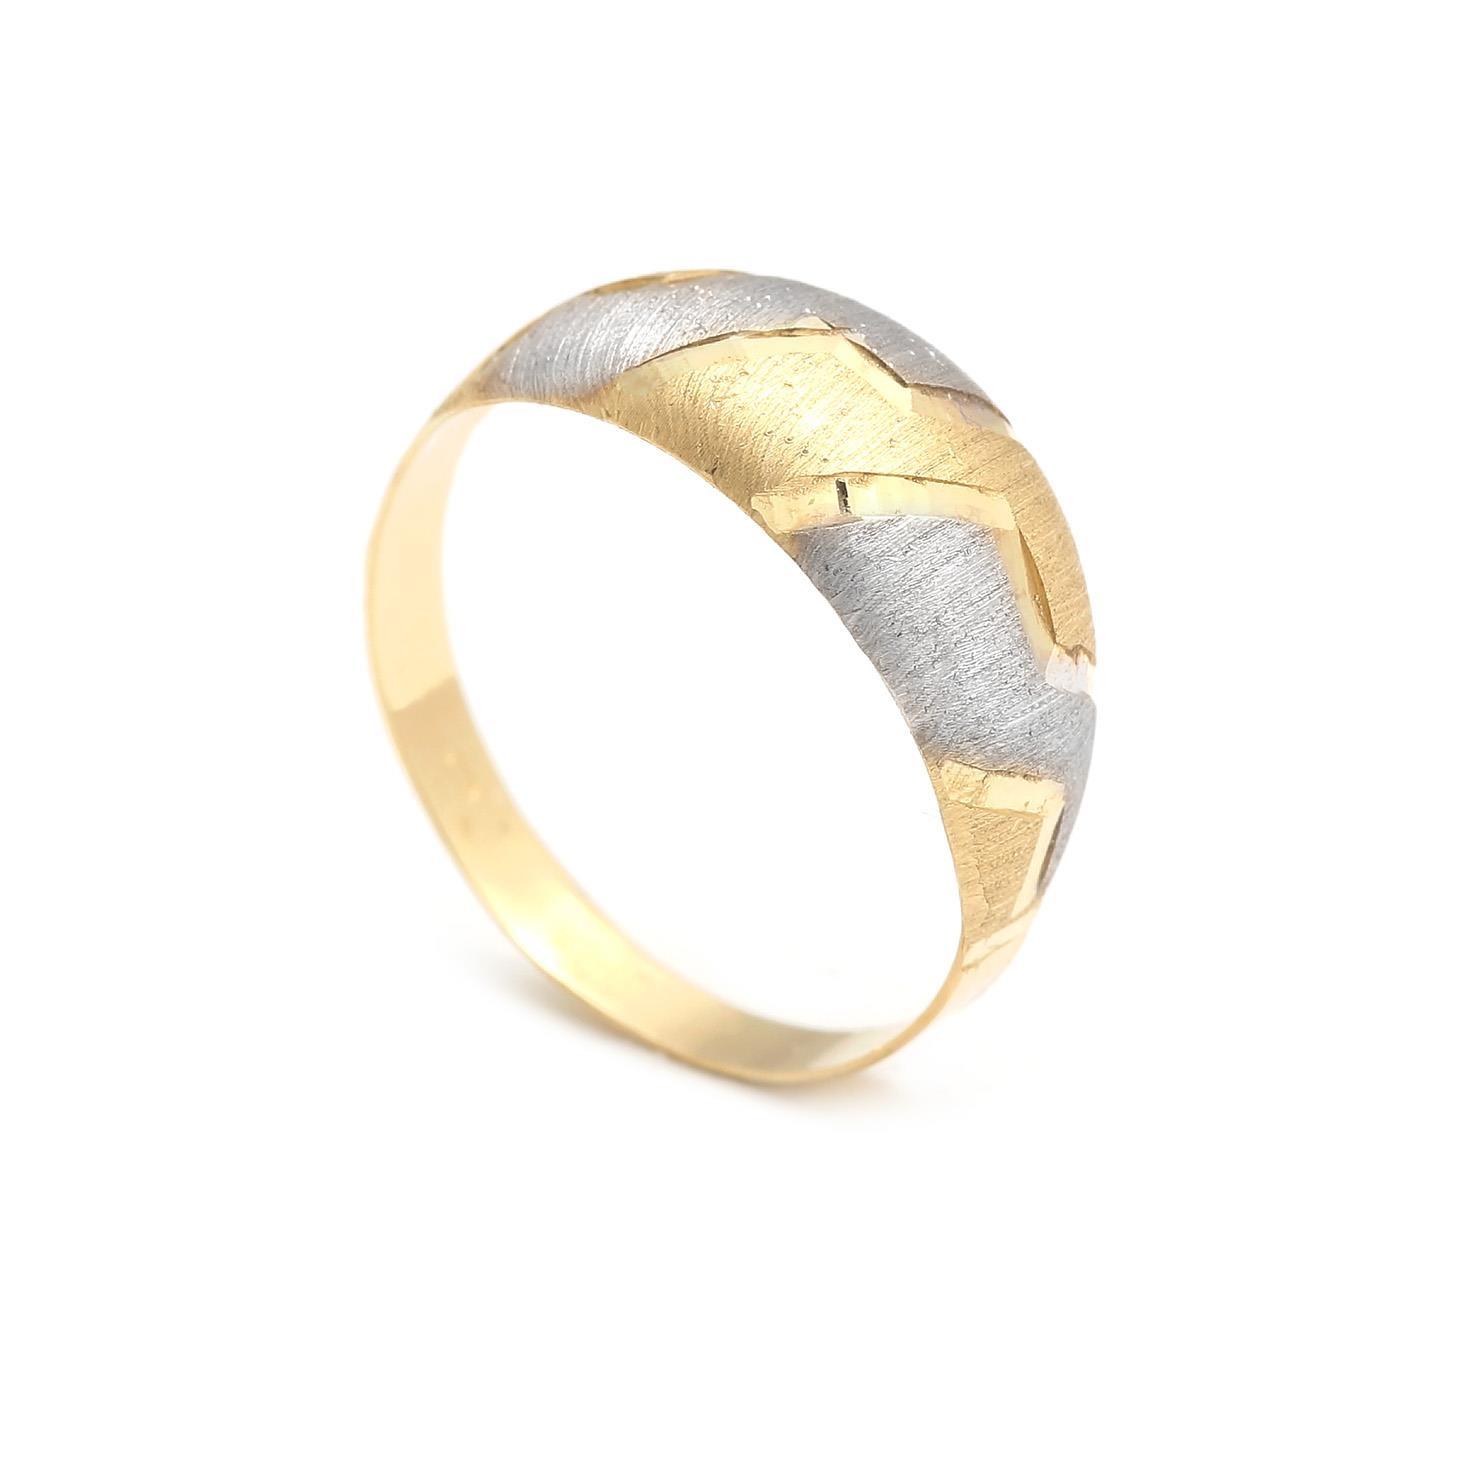 Zlatý dámsky prsteň DONOMA 4PK00213